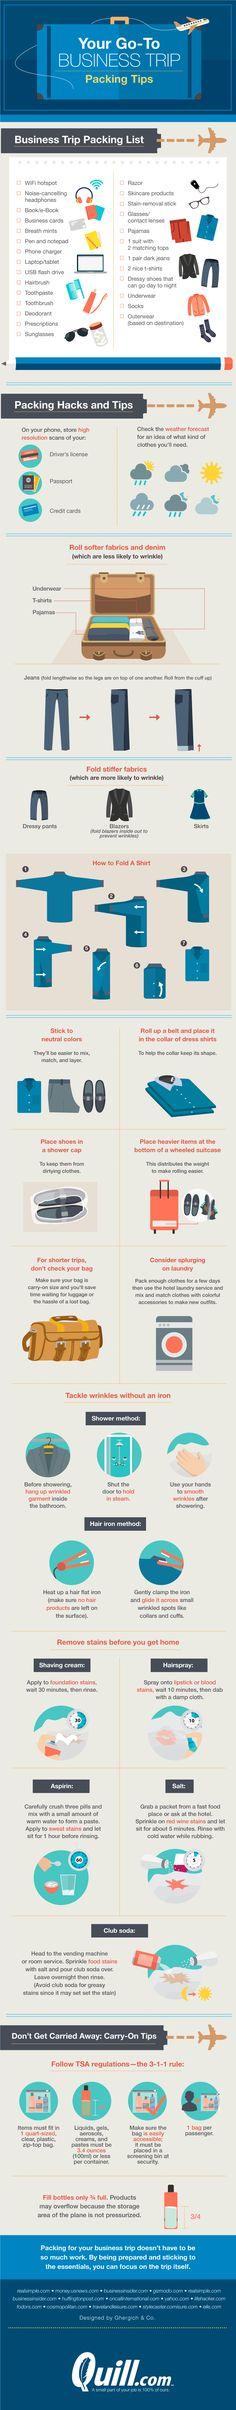 Von der idealen Packliste, über die richtigen Falttechniken bis hin zu außergewöhnlichen Bügeltricks – hier ist alles dabei.